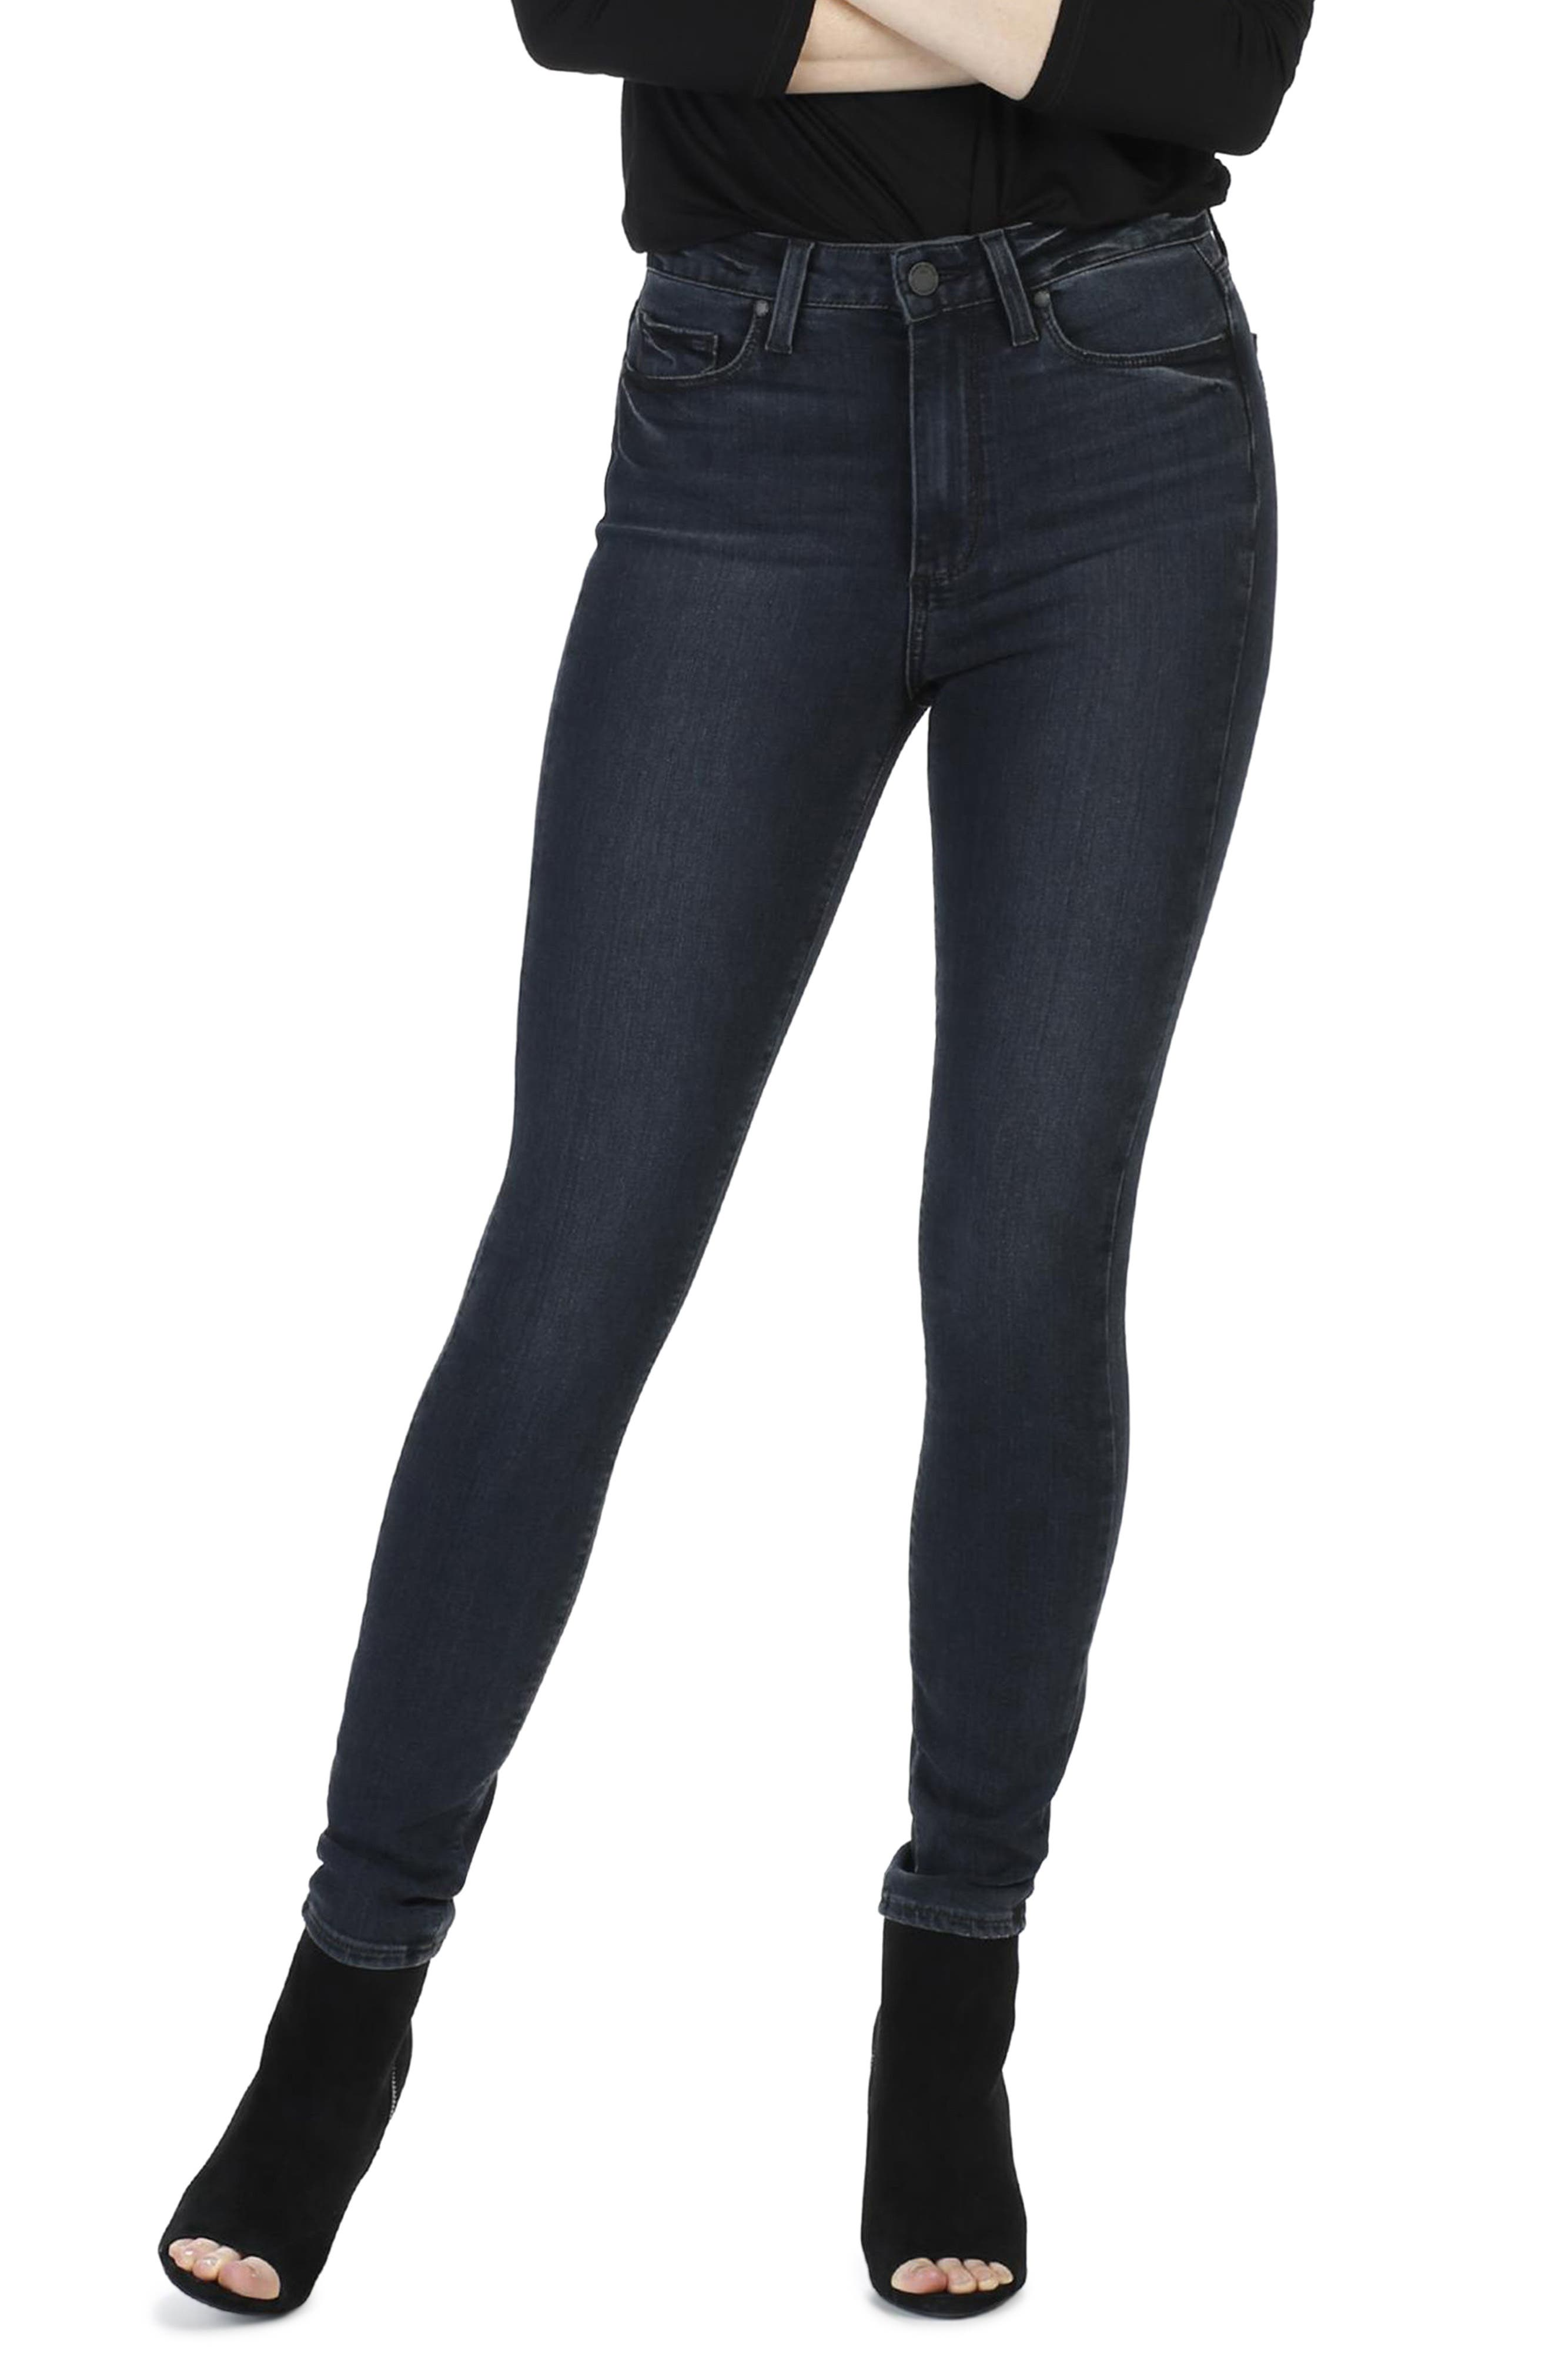 Transcend - Margot Ultra Skinny Jeans,                             Alternate thumbnail 2, color,                             400